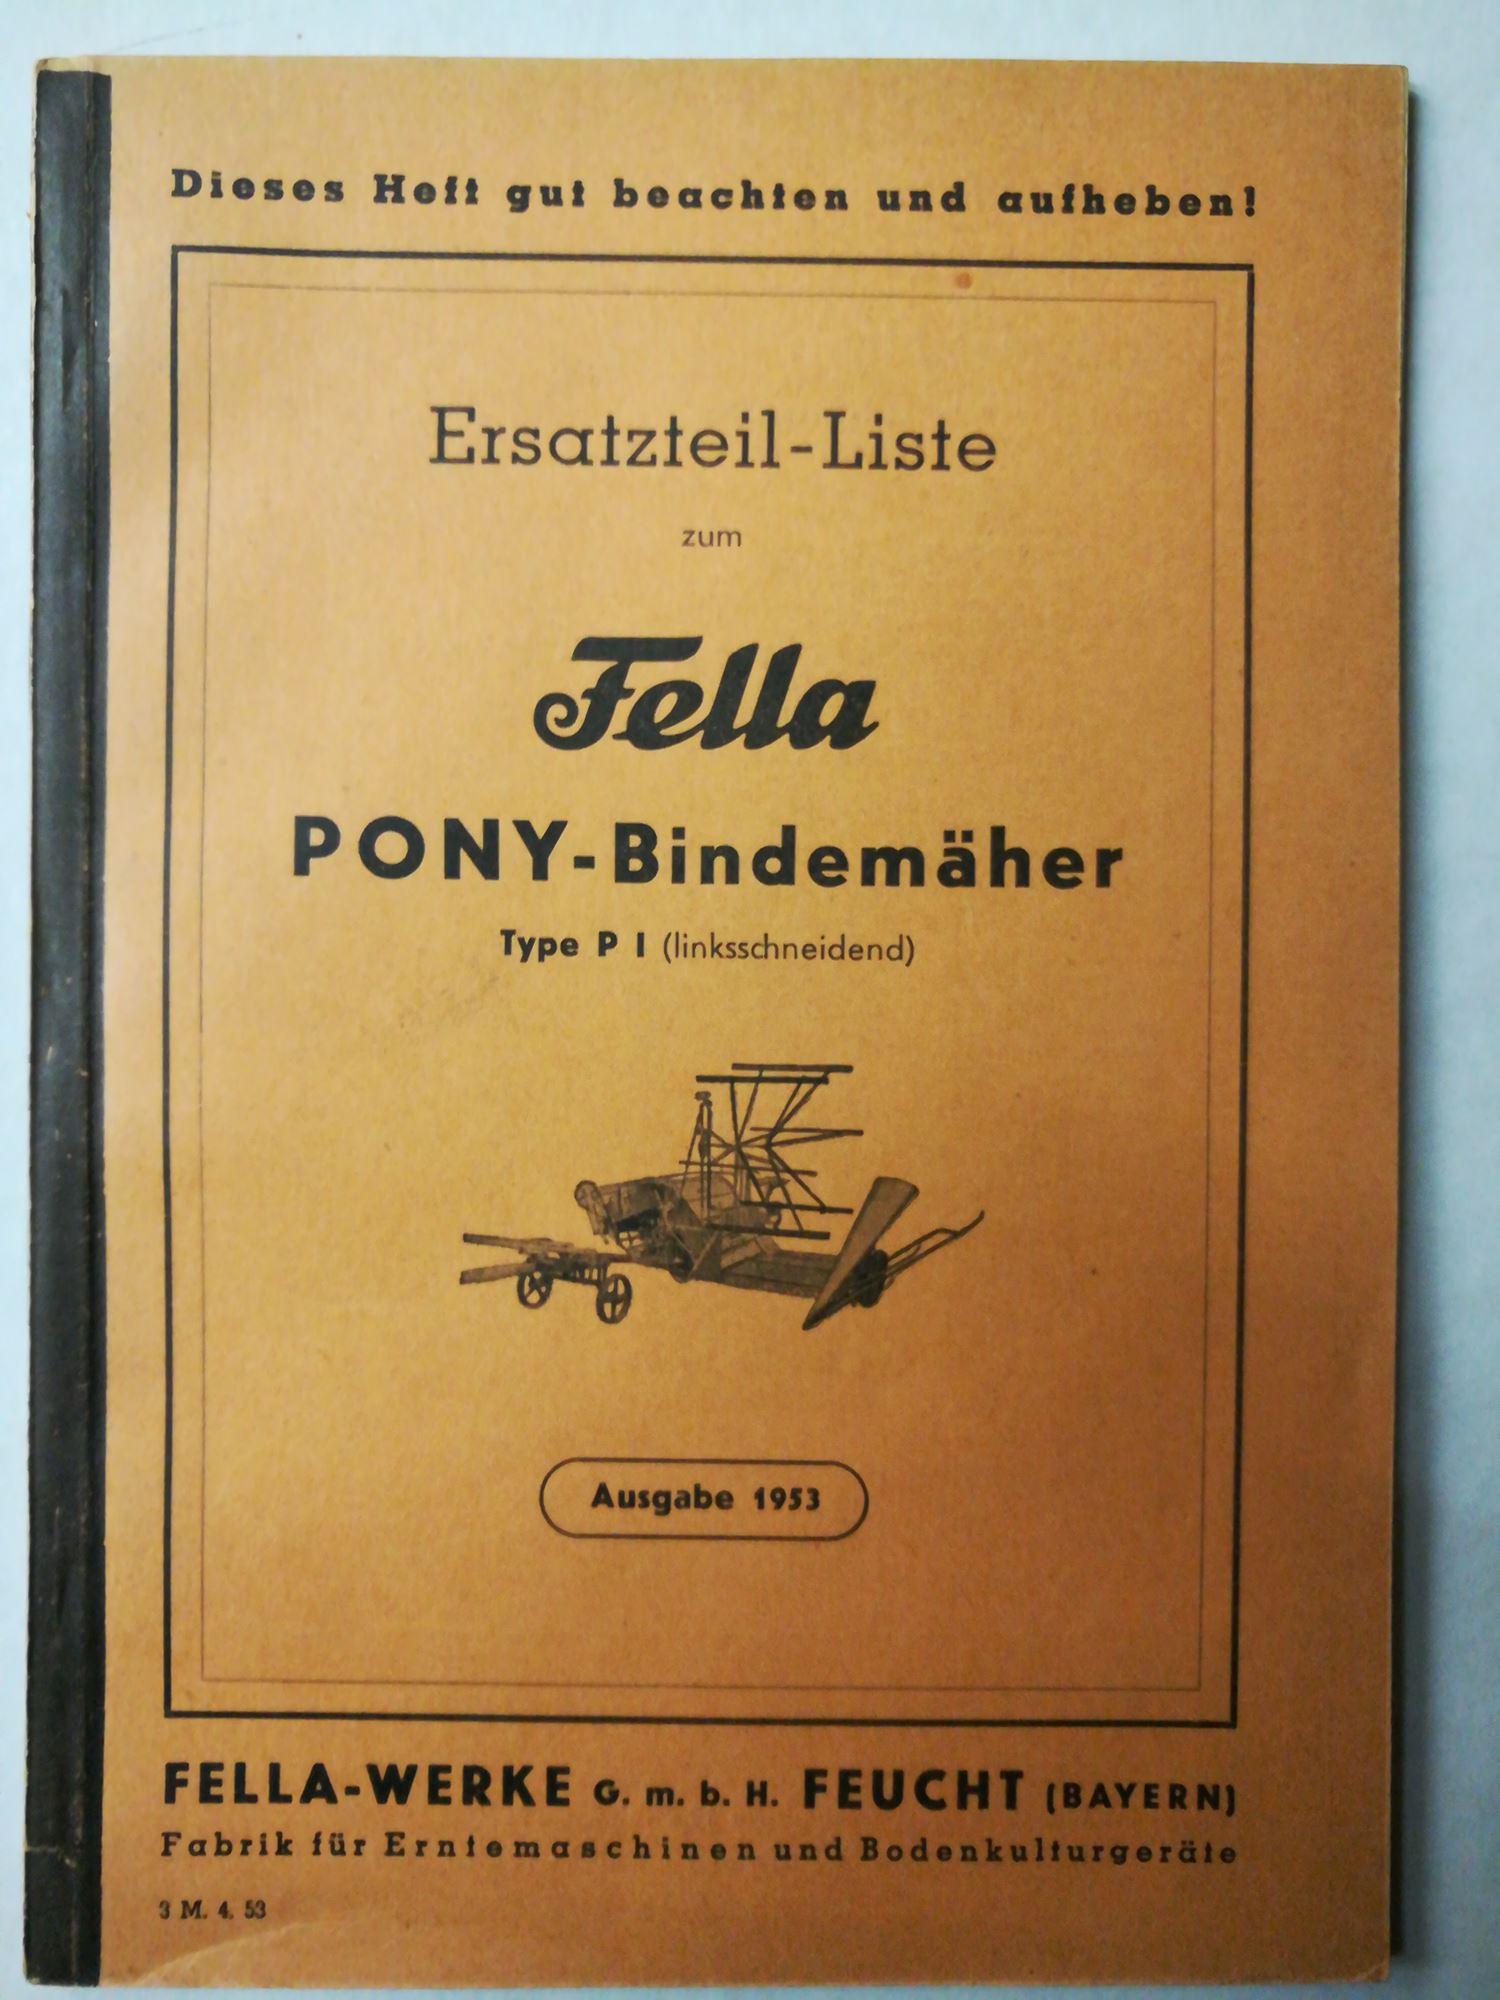 Ersatzteil-Liste zum Fella Pony-Bindemäher Type P I: Fella-Werke, Feucht (Bayern)